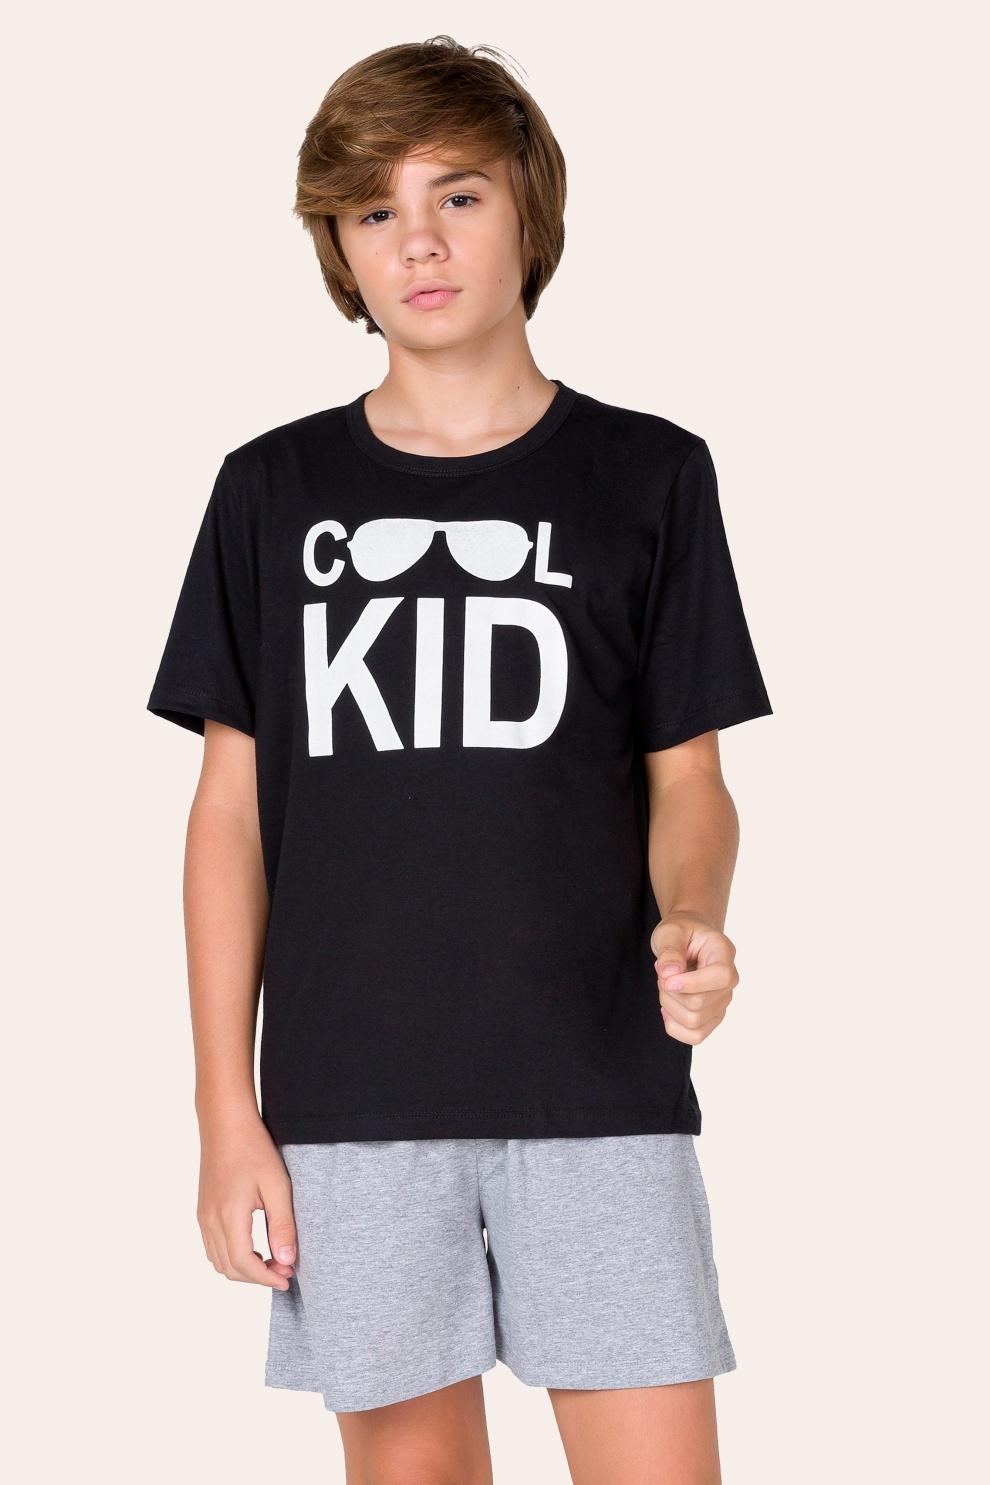 011/B - Pijama Juvenil Masculino Cool Kid